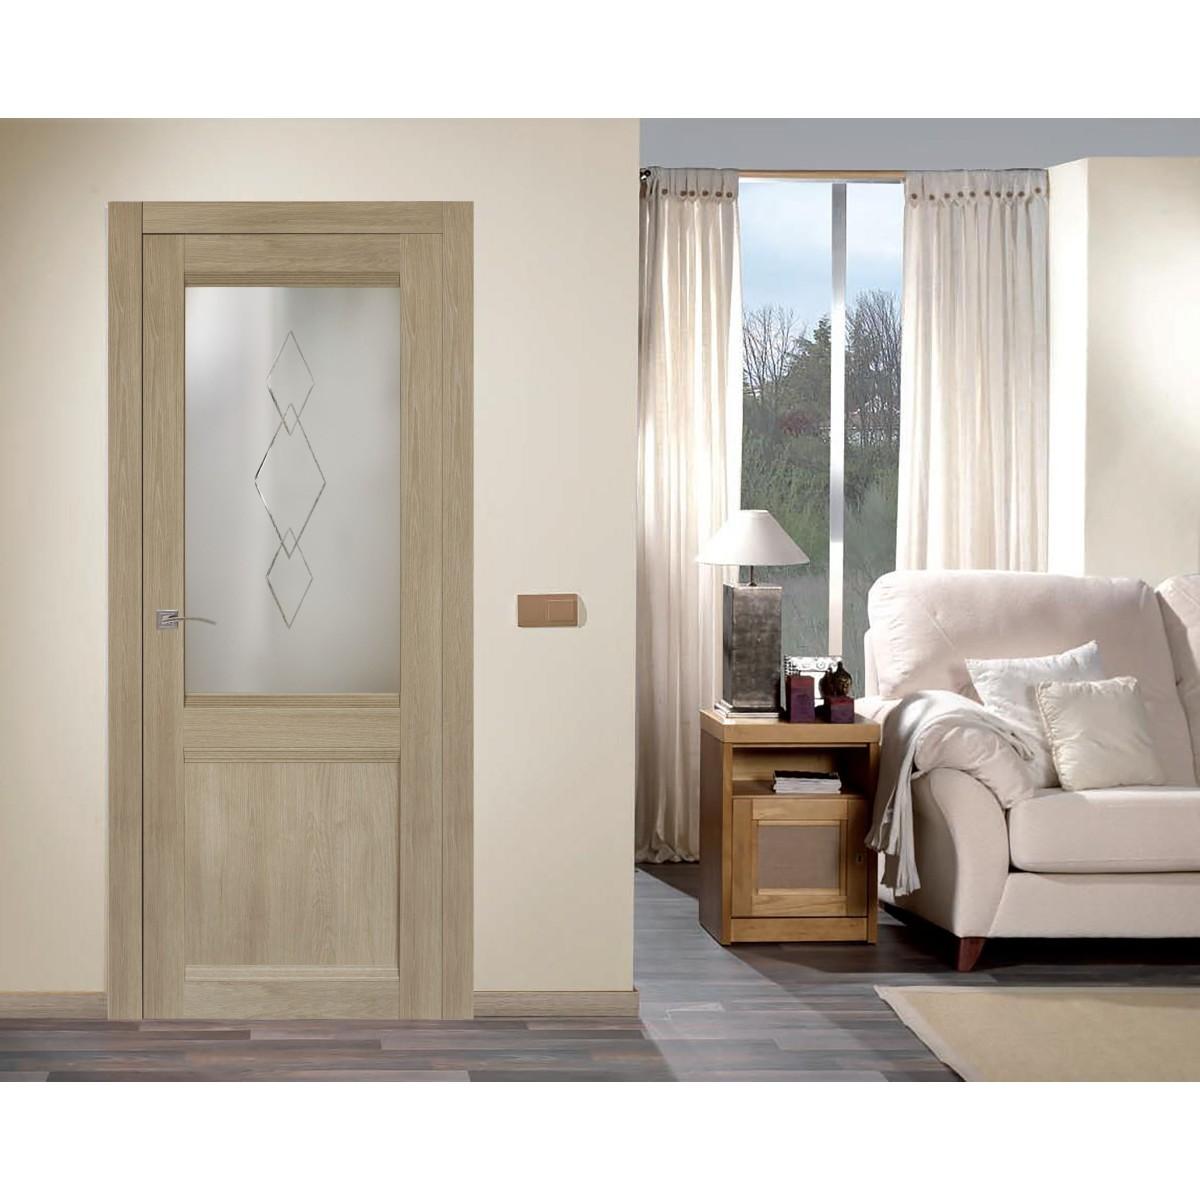 Дверь Межкомнатная Остеклённая Арагона 60Х200 Цвет Дуб Тёрнер С Фурнитурой